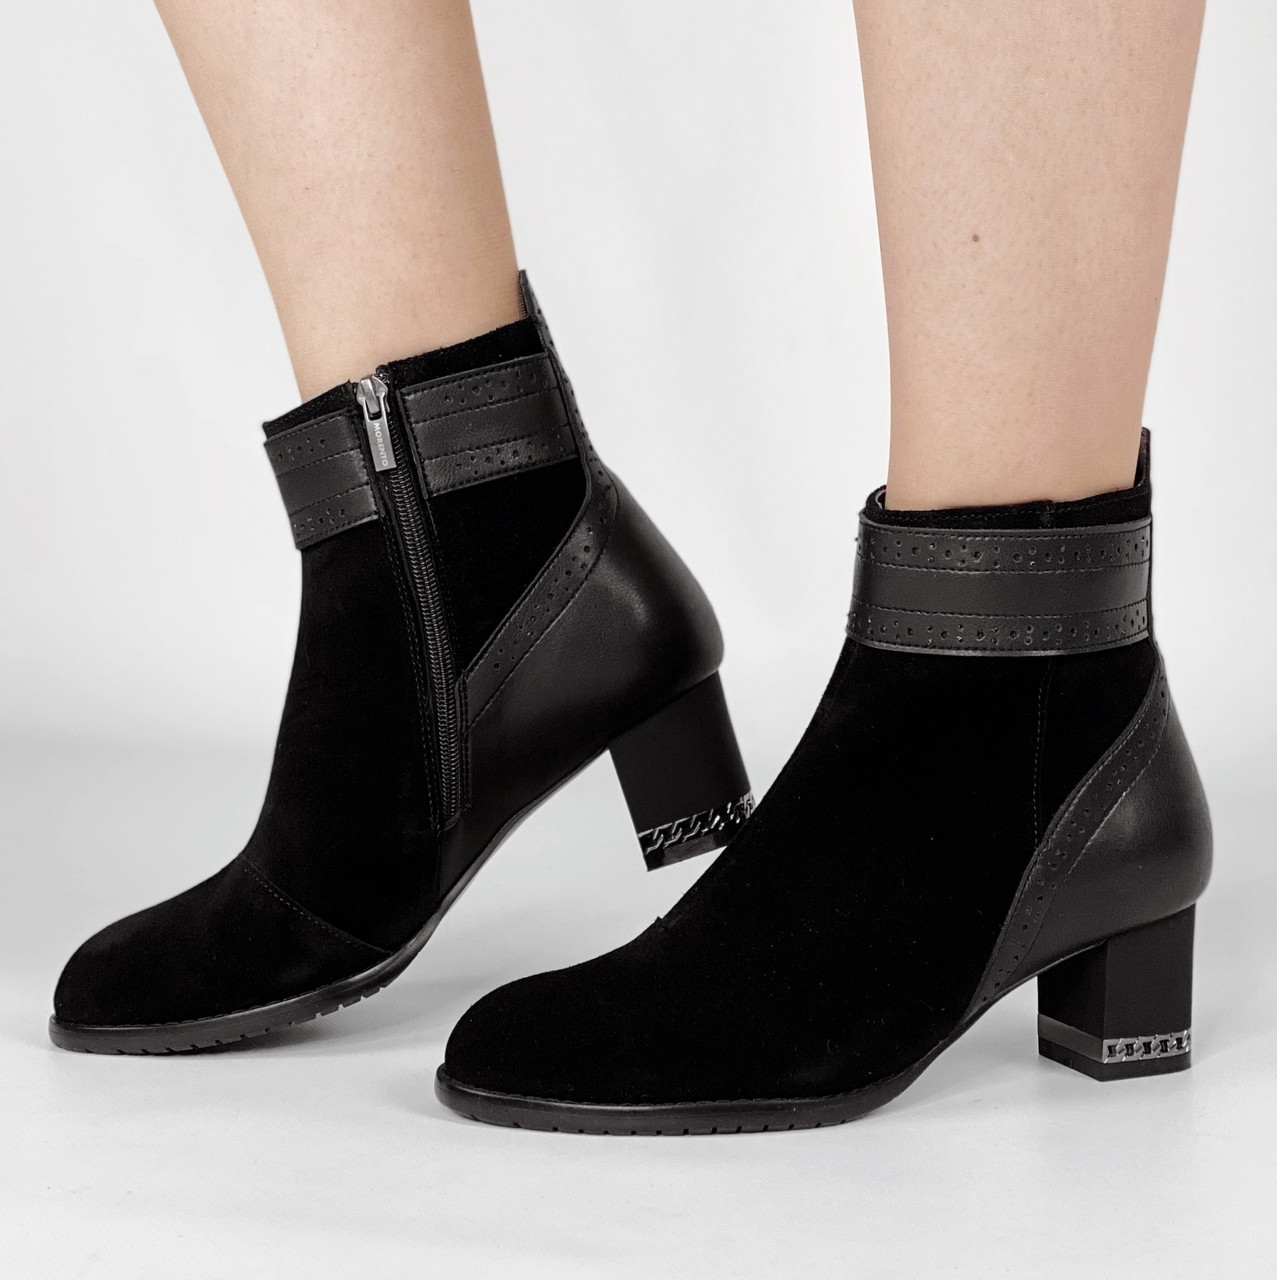 Ботинки женские замшевые черные с кожаными вставками на устойчивом невысоком каблуке MORENTO (весна-осень)